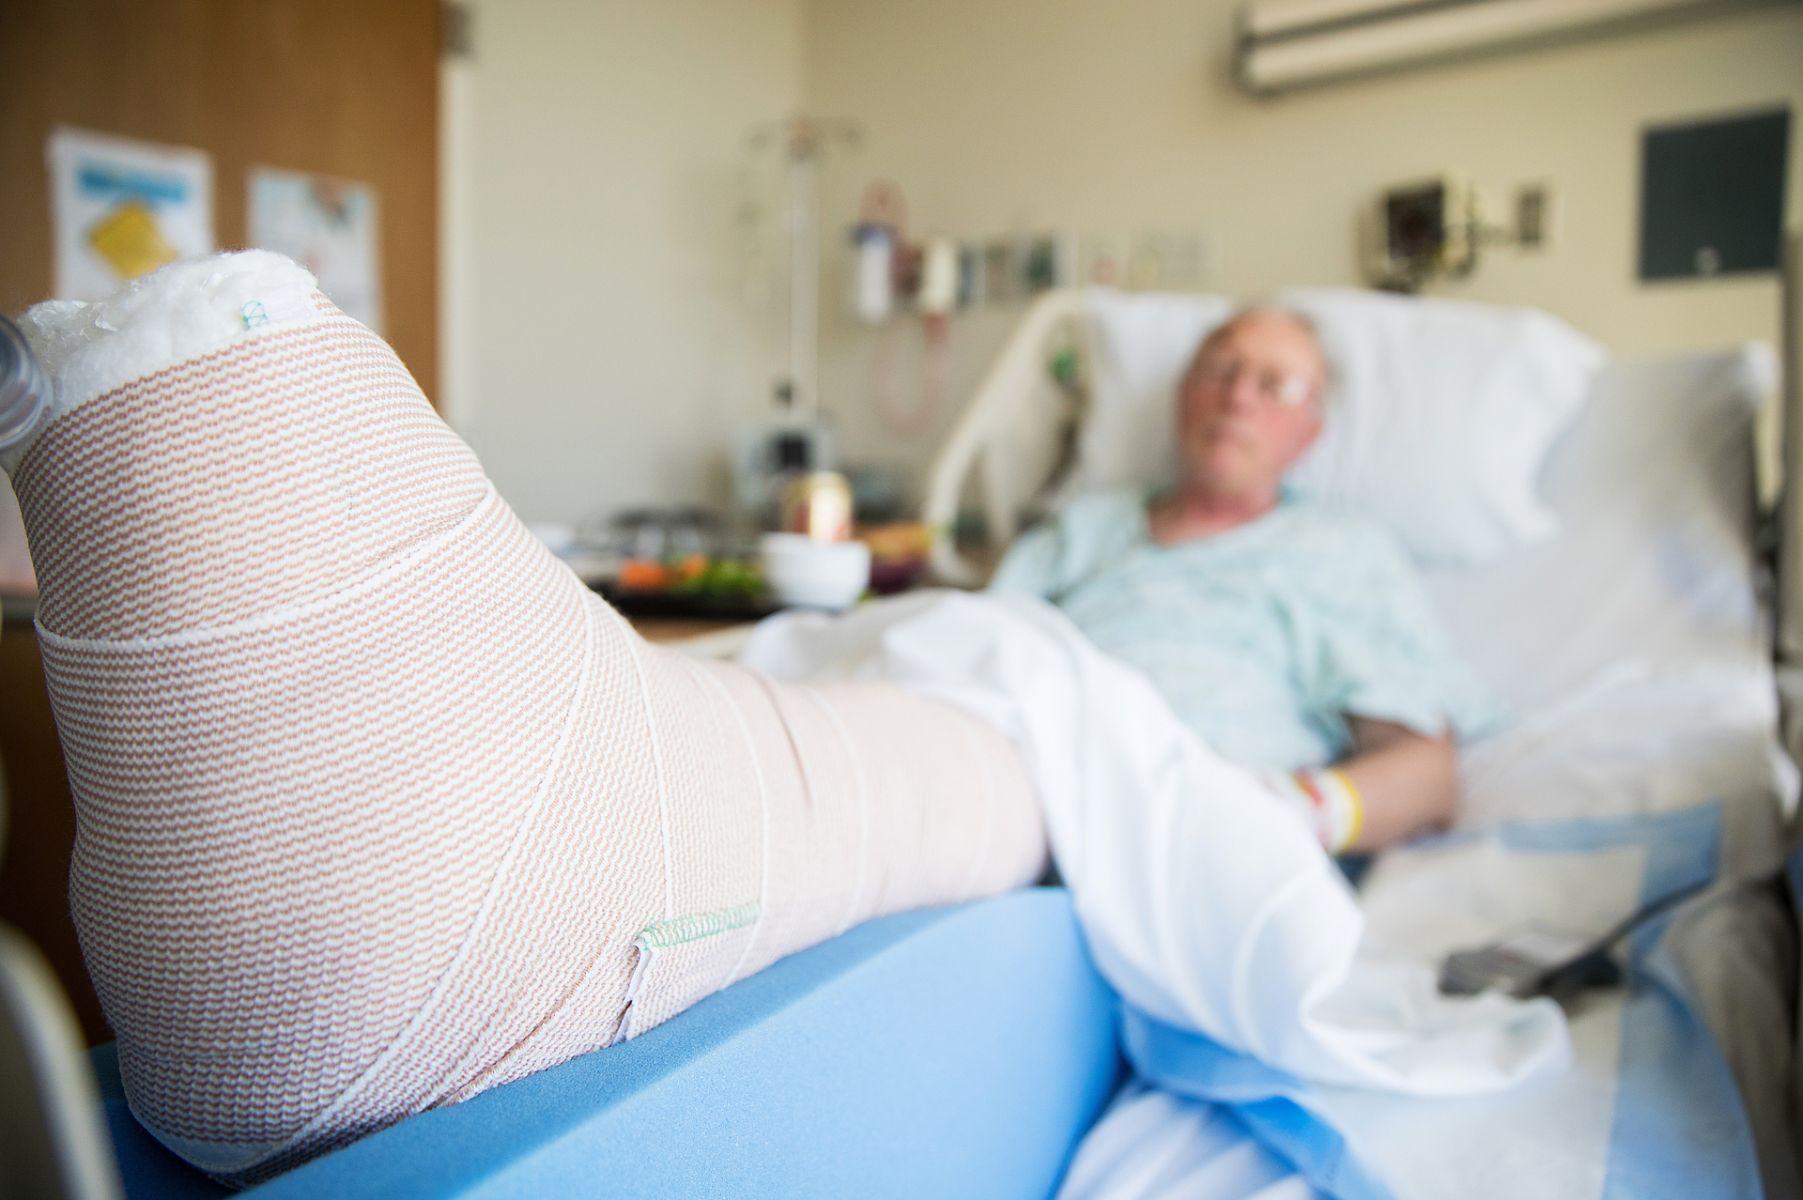 別讓「跌倒」扼殺你的家人!專訪復健科名醫林頌凱